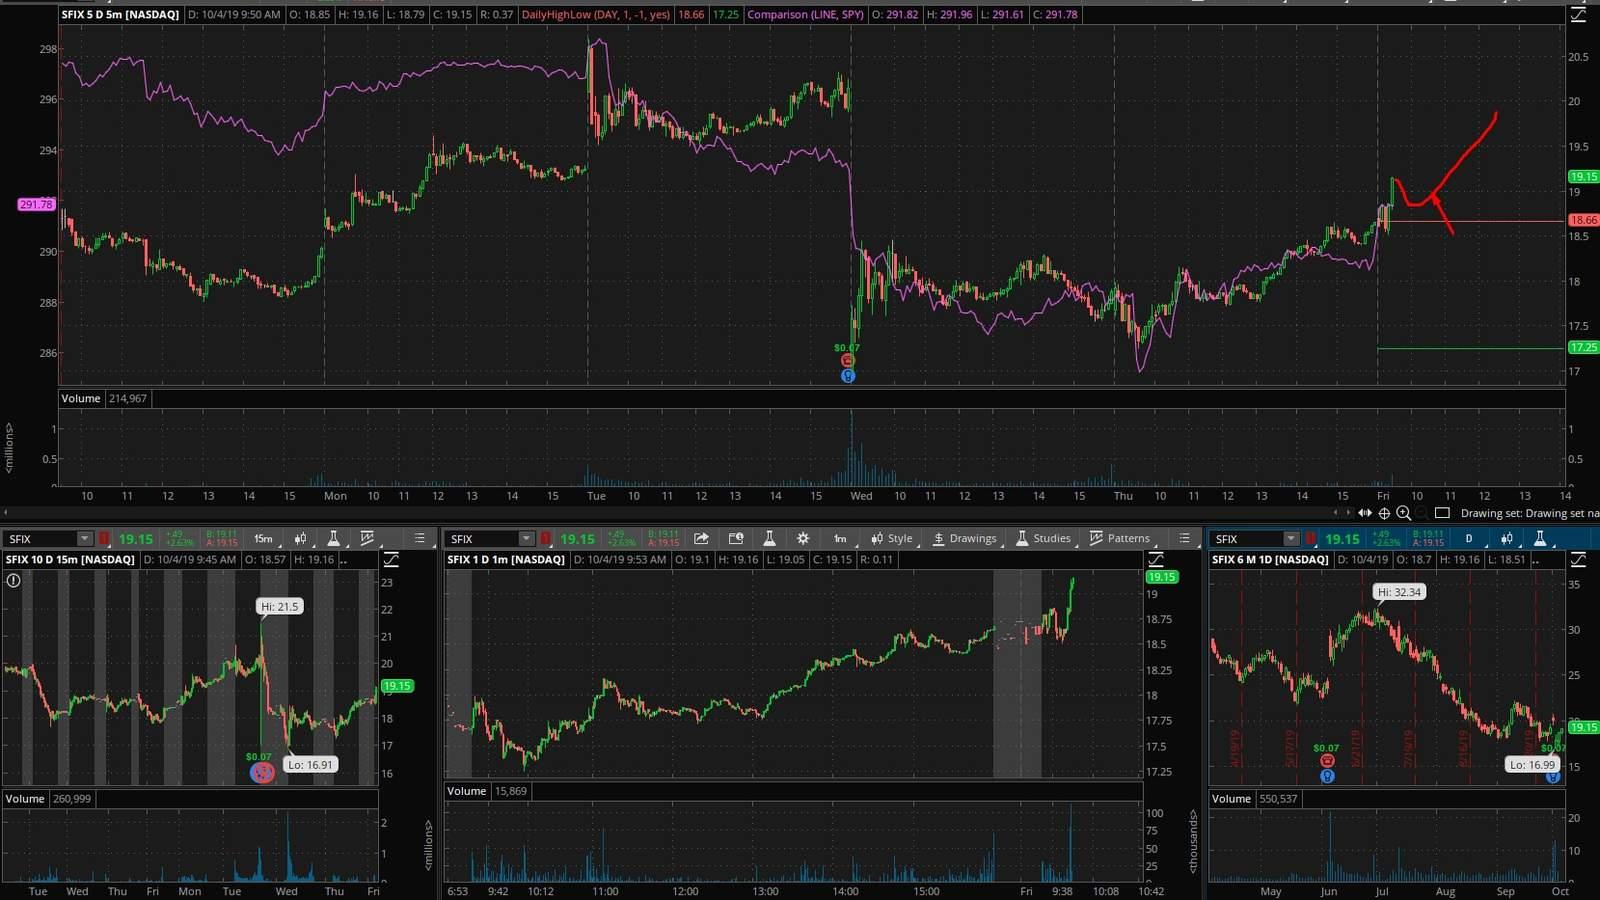 SFIX акция на фондовой бирже